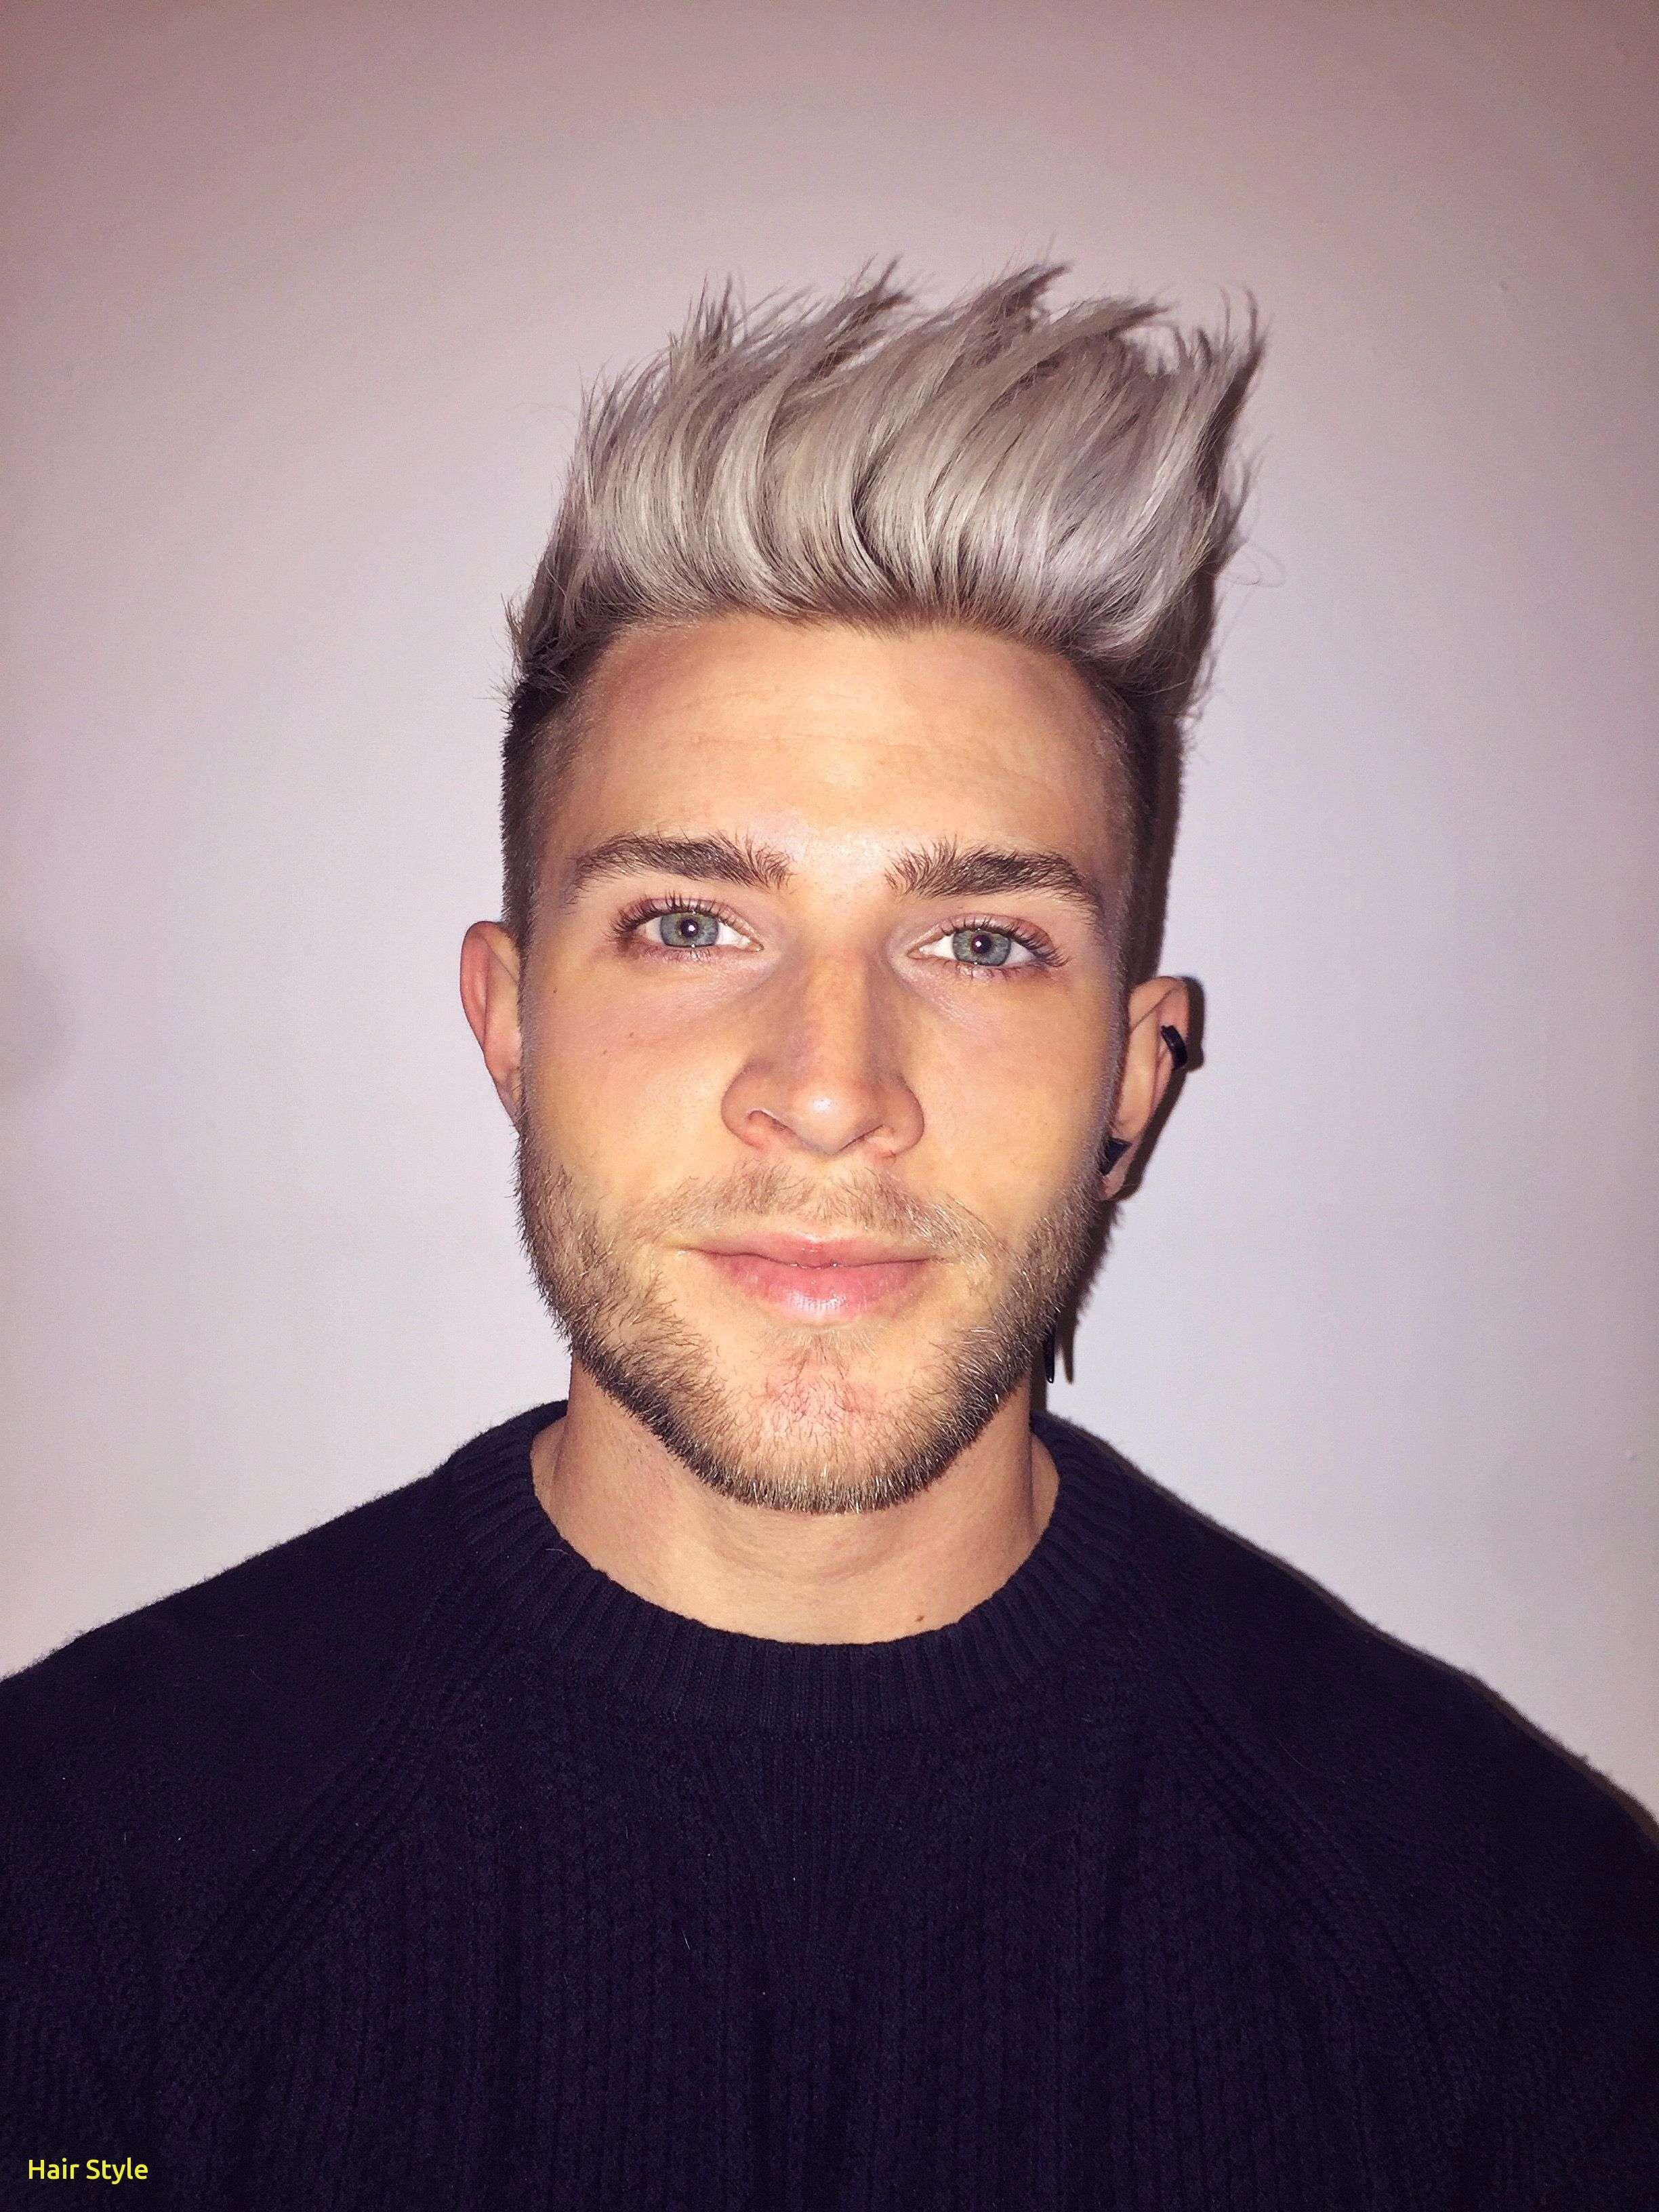 Neuer Frisur Einfacher Junge 2019 Me Easy Hairstyles